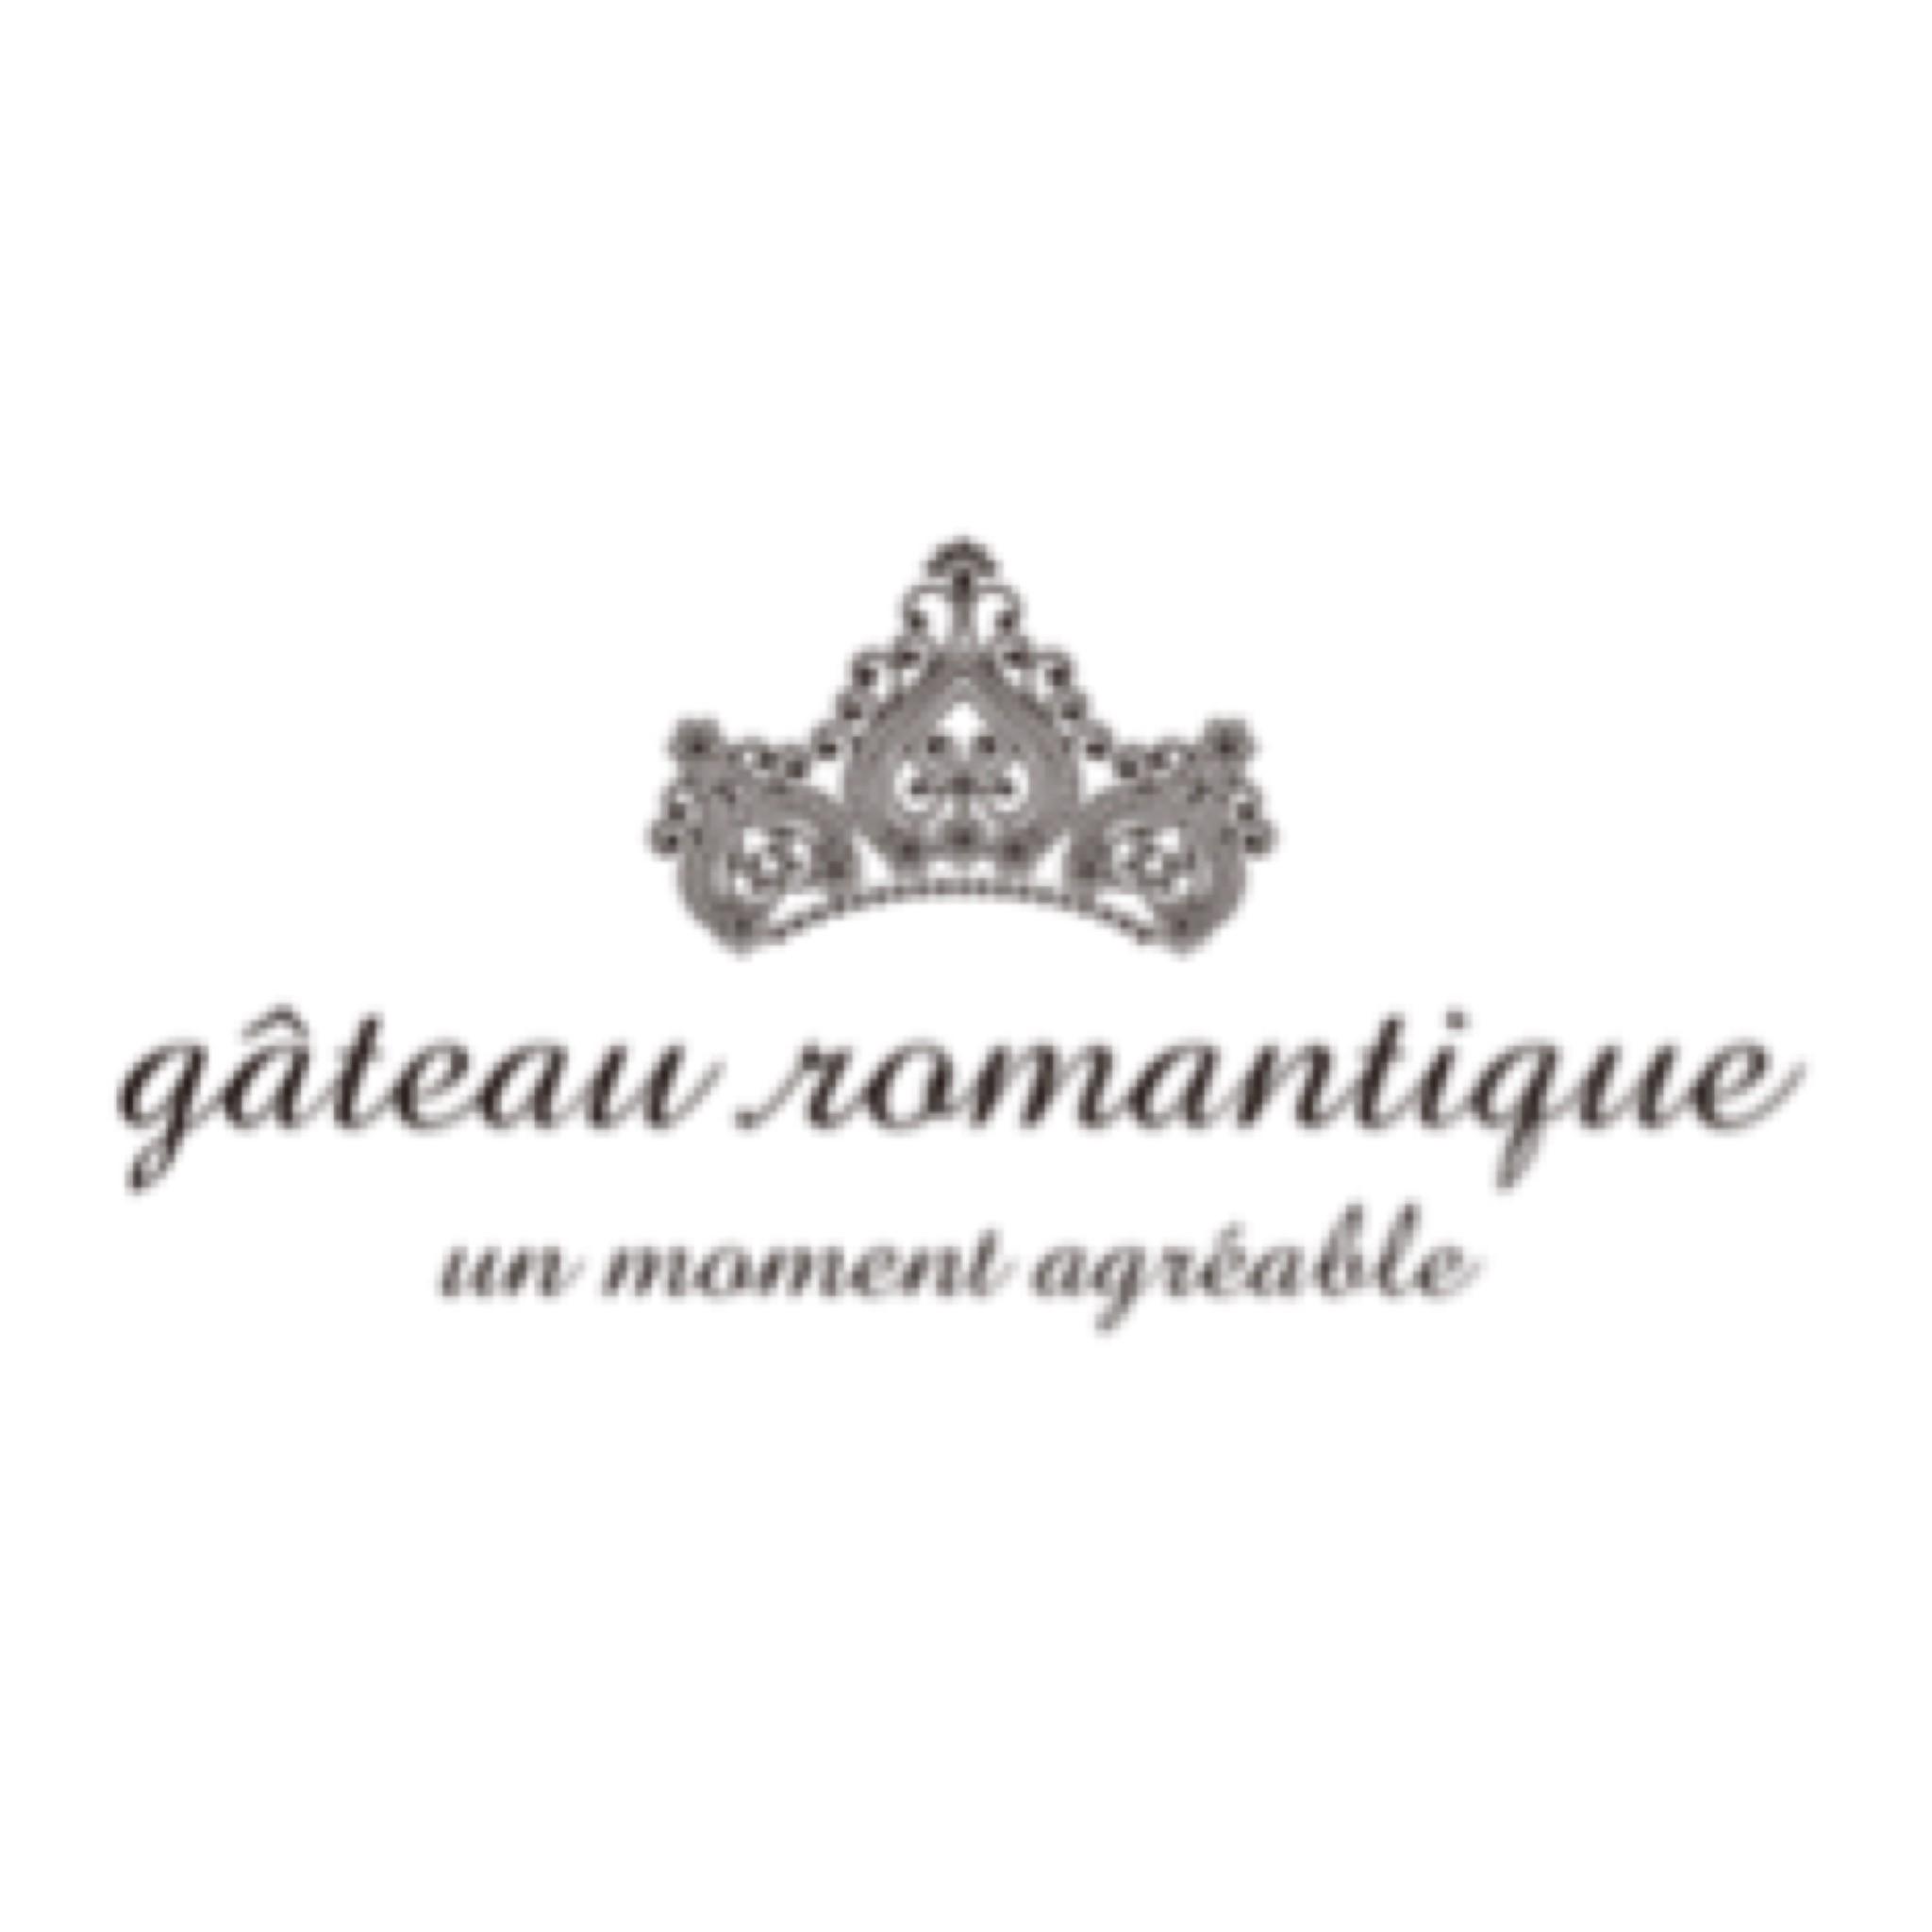 gateauromantique